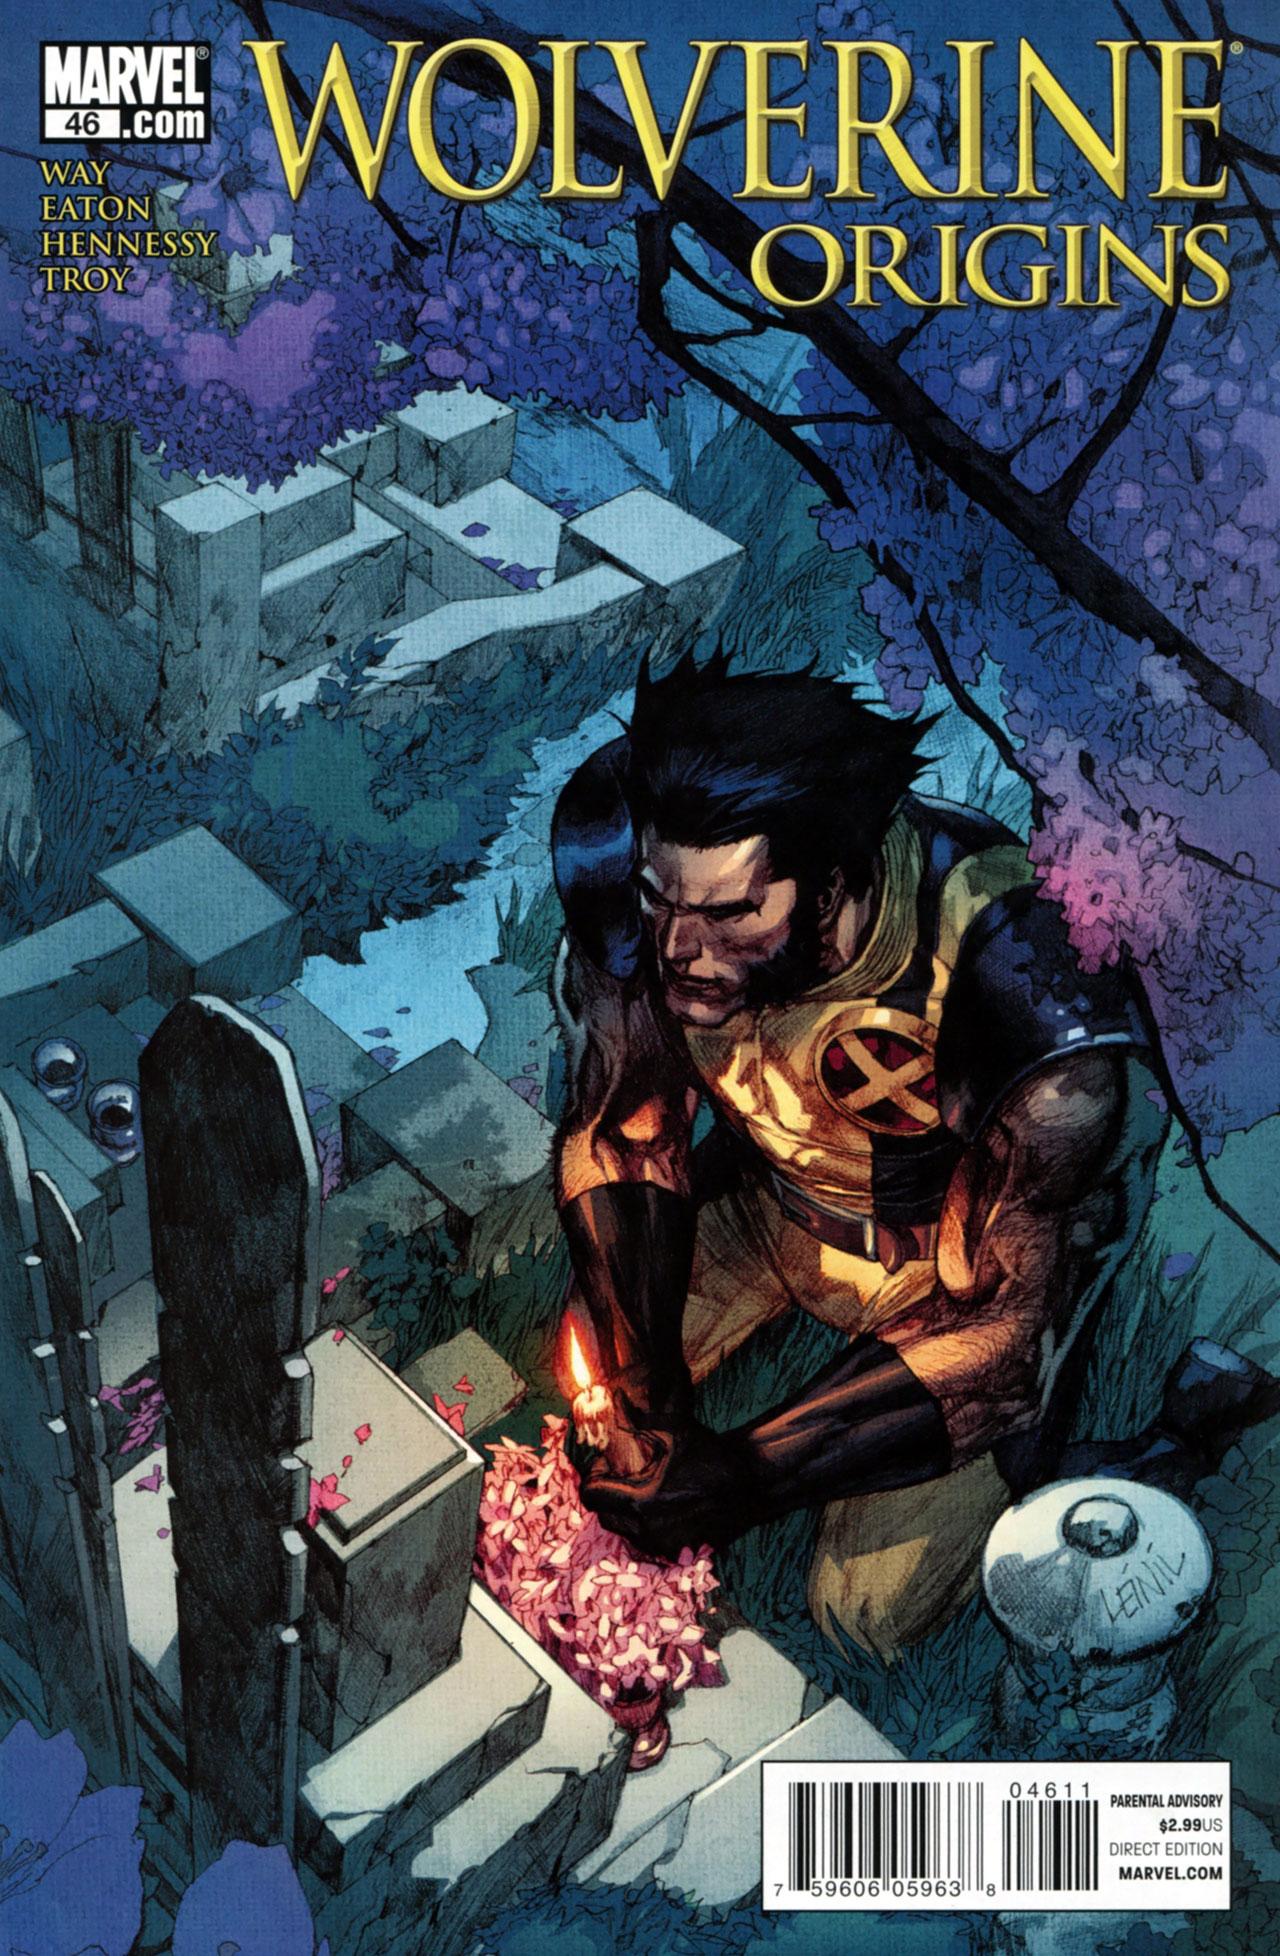 Read online Wolverine: Origins comic -  Issue #46 - 1